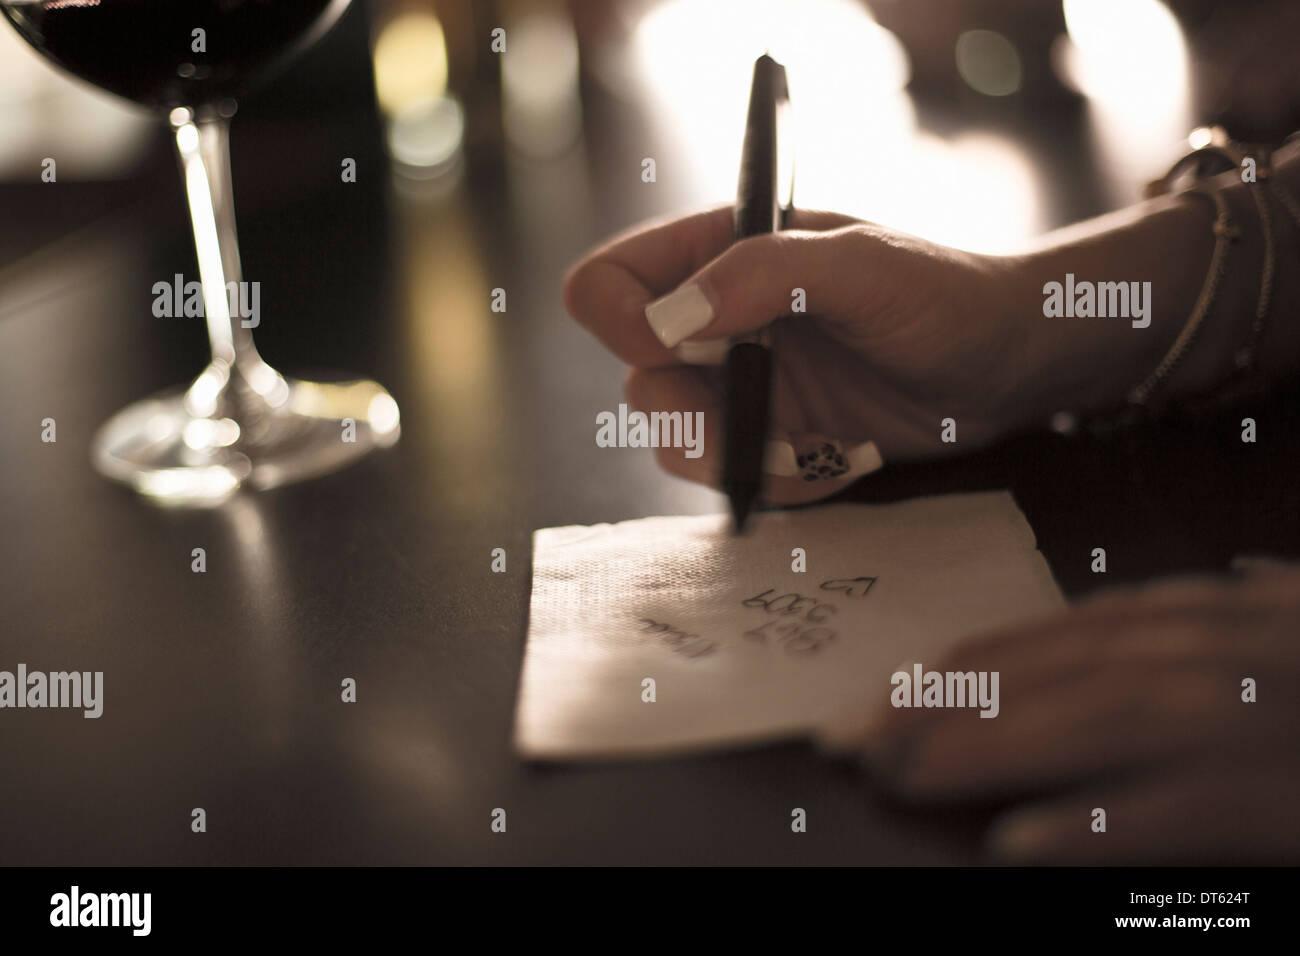 Cerca de joven mujer escribe su número de teléfono en una servilleta de papel de un bar Imagen De Stock